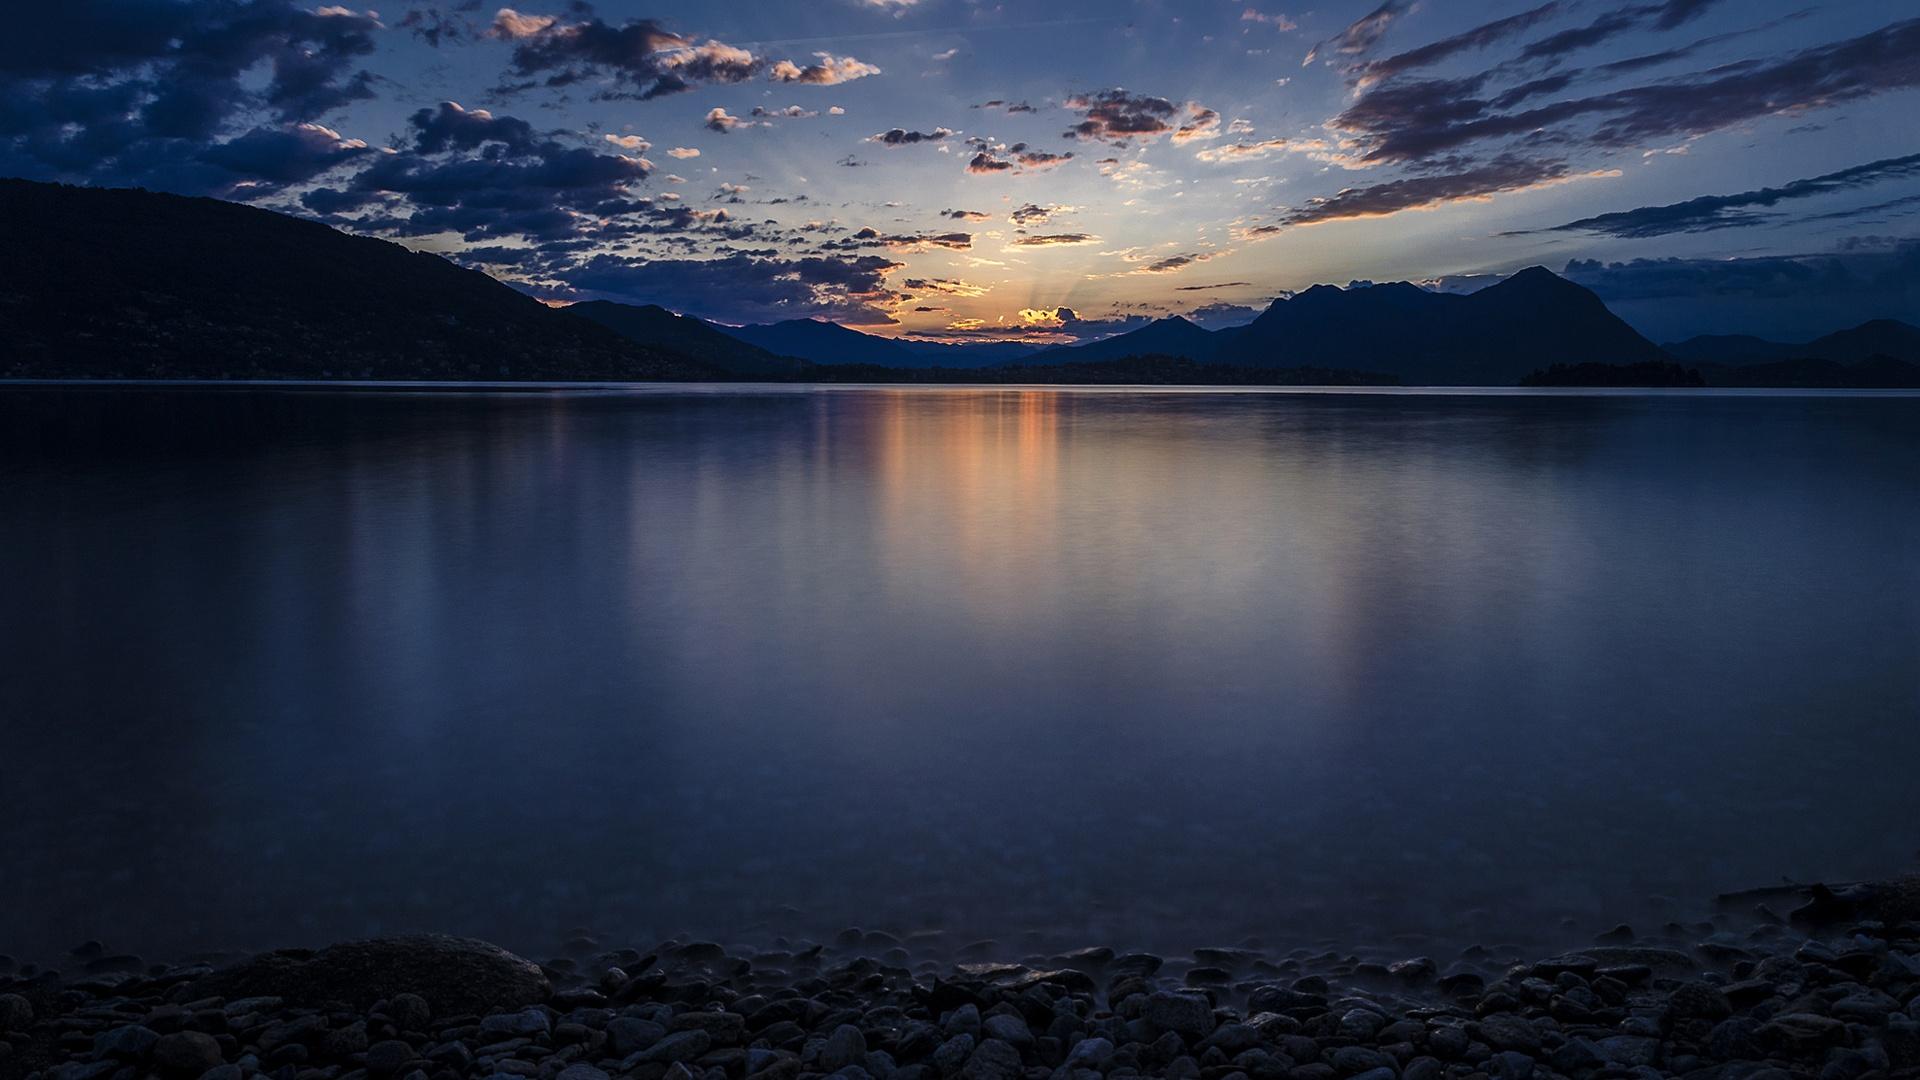 Облака над озером, галька, горы, лес  № 2950479 бесплатно